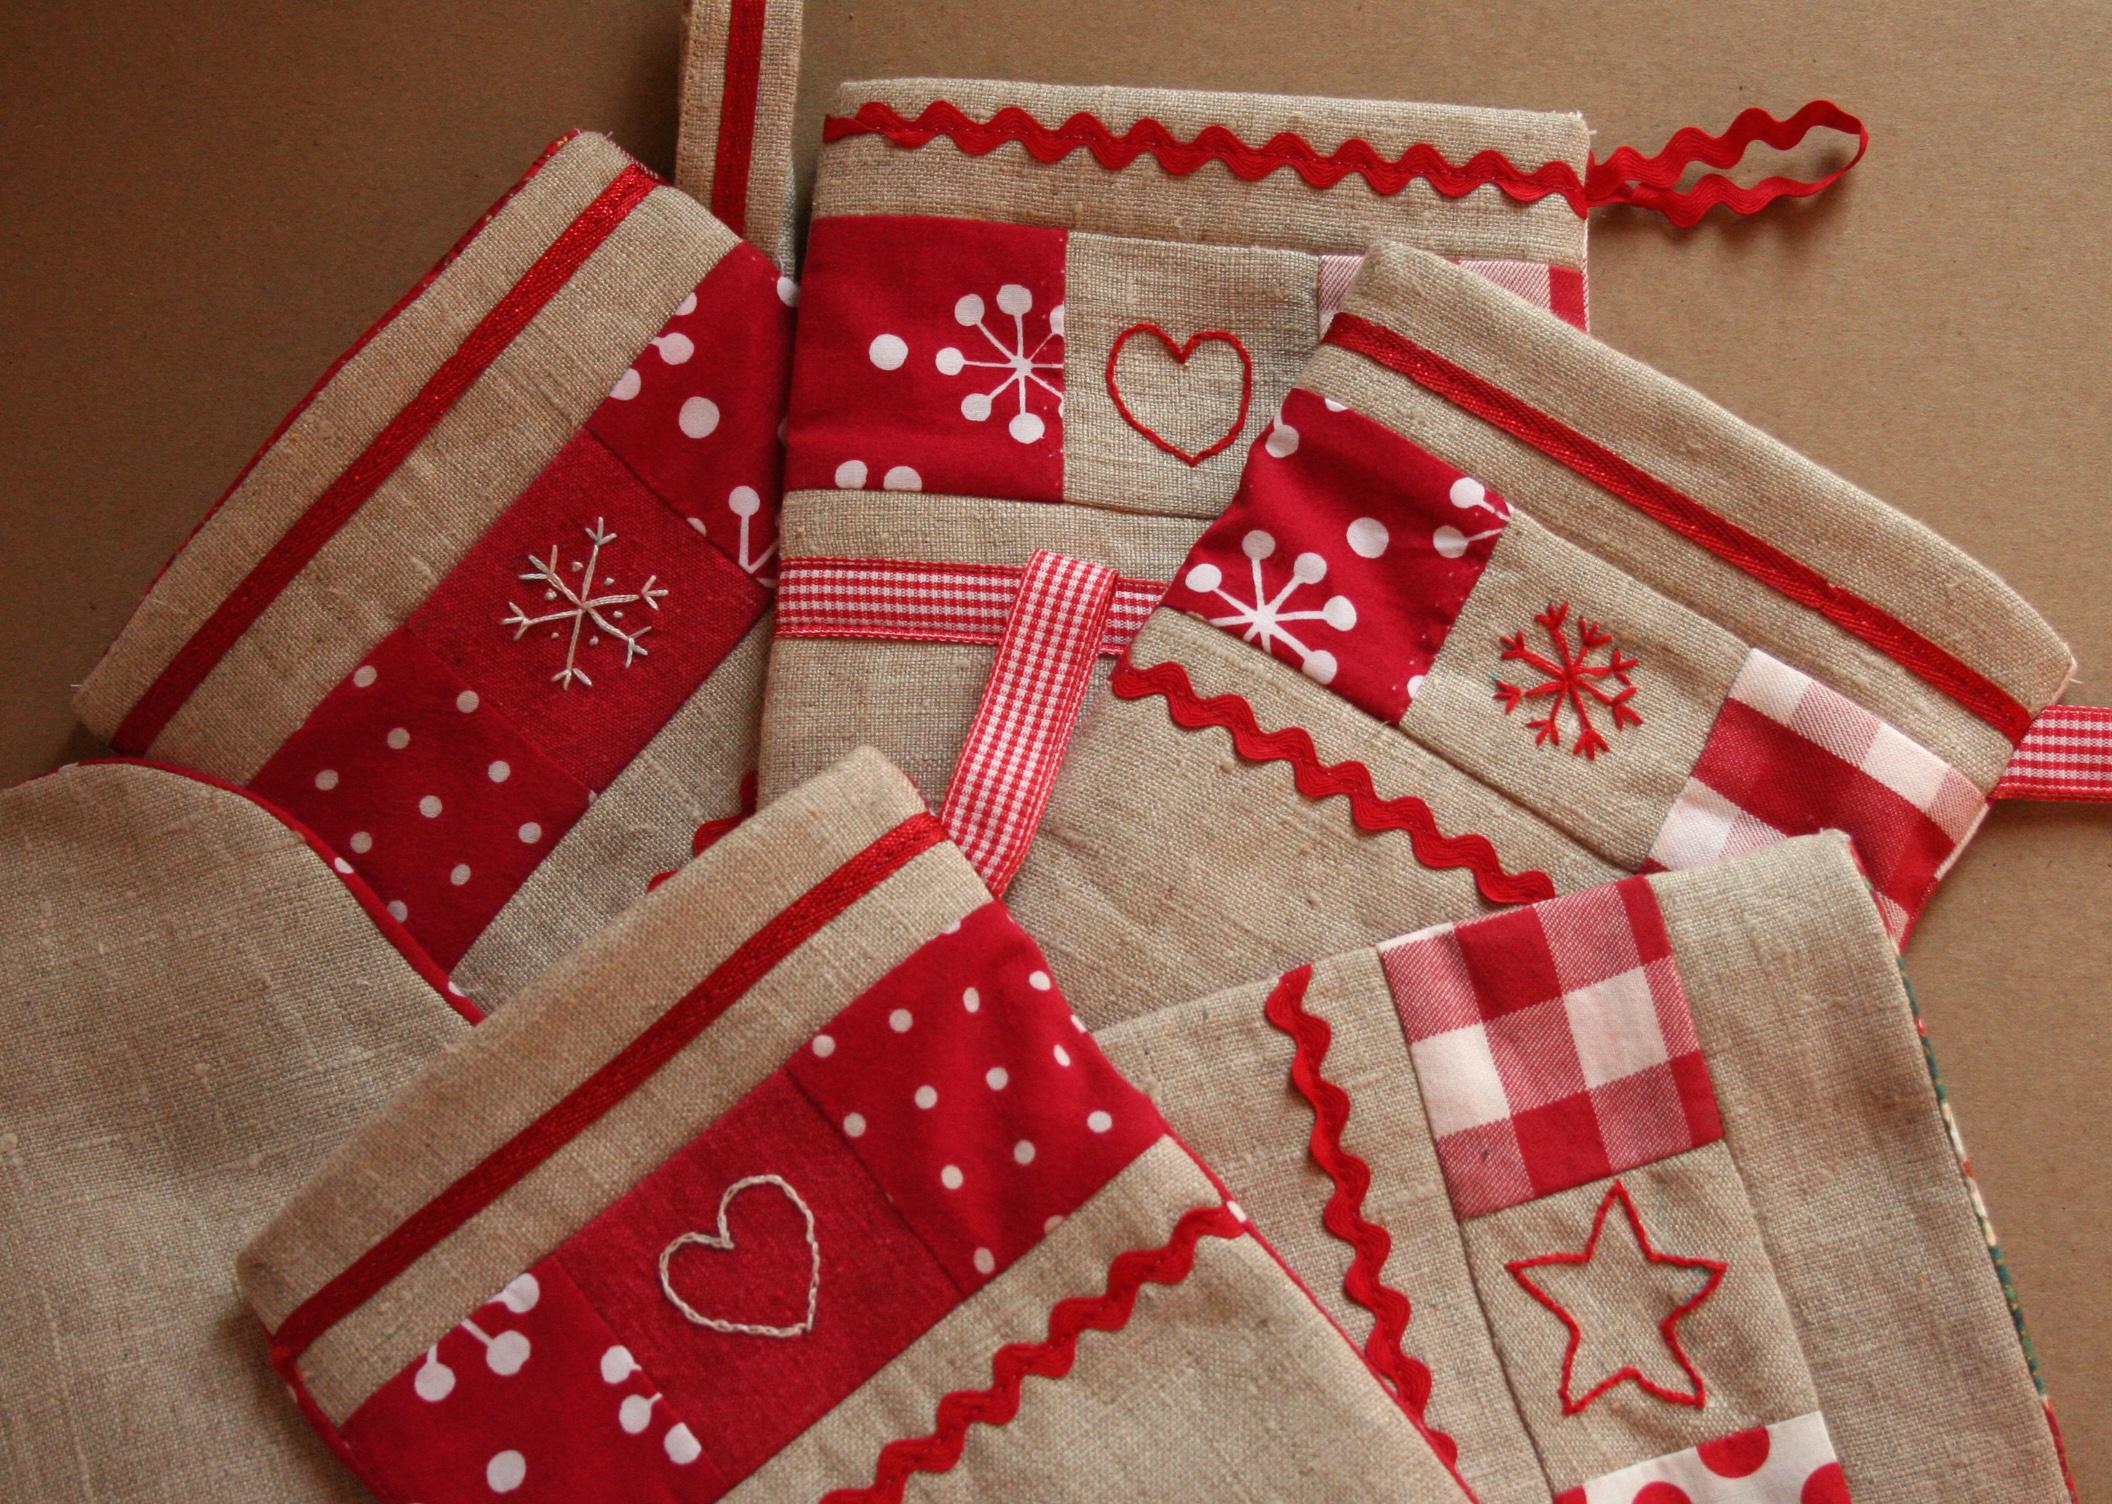 Hintergrundbilder : Weiß, rot, Strümpfe, Muster, Weihnachten, KUNST ...